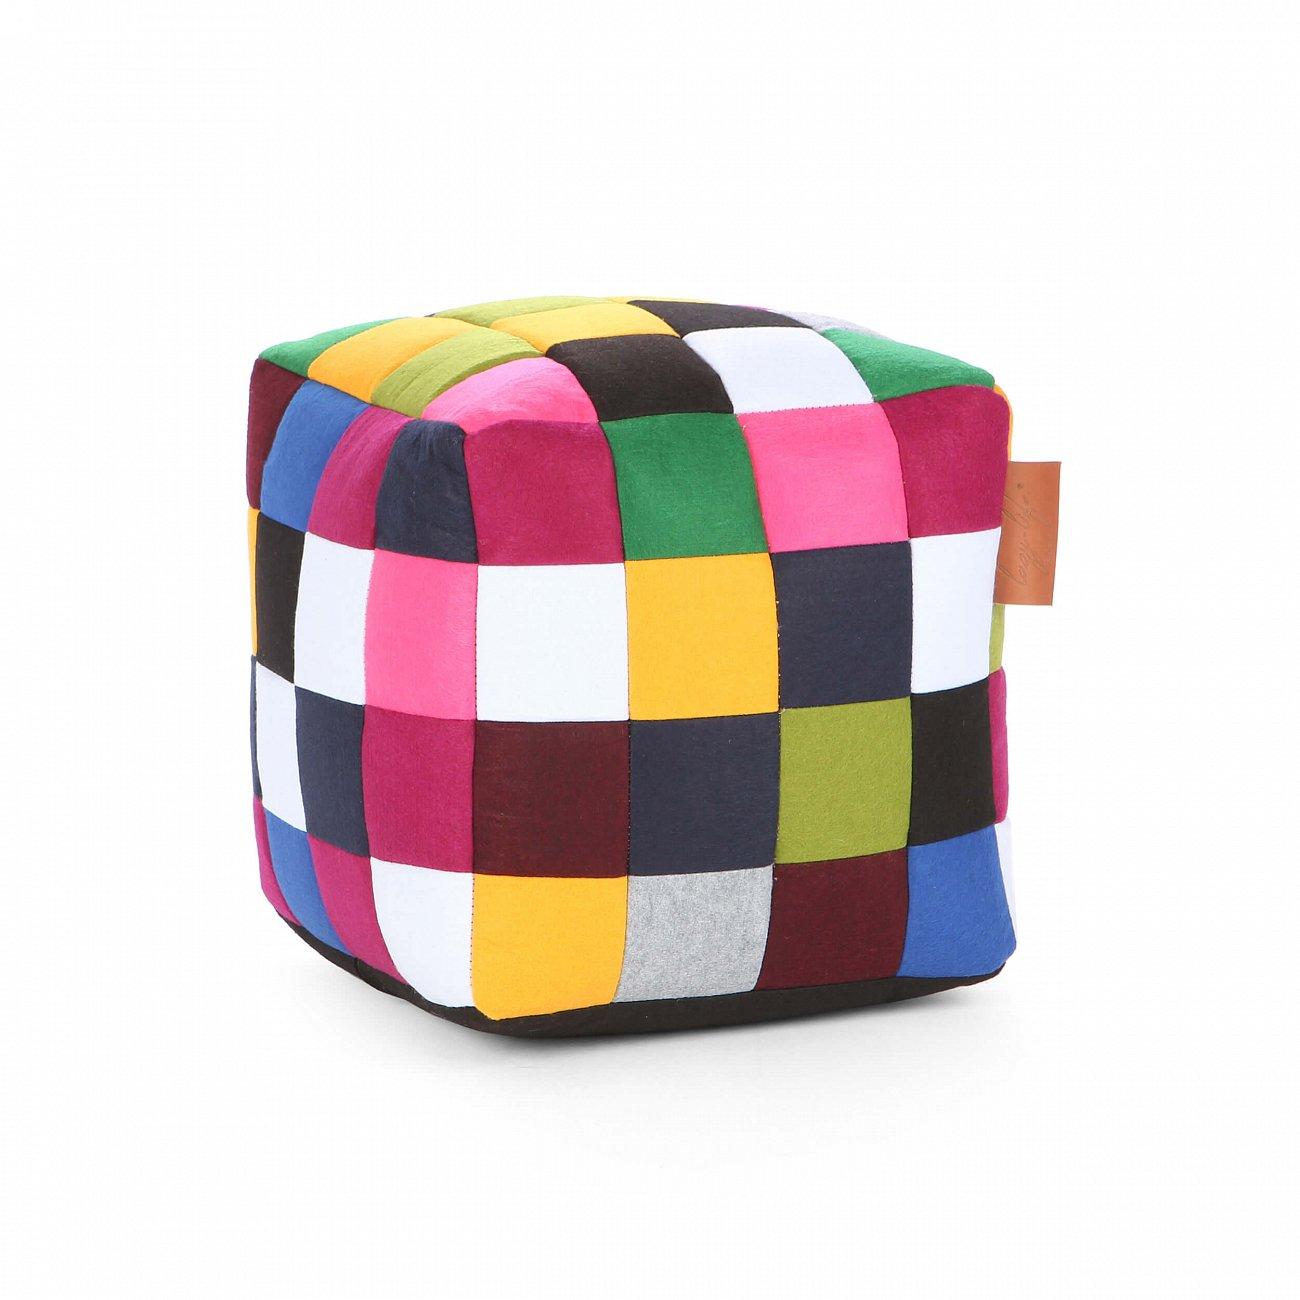 Купить Пуф Multi Кубик Рубика в интернет магазине дизайнерской мебели и аксессуаров для дома и дачи